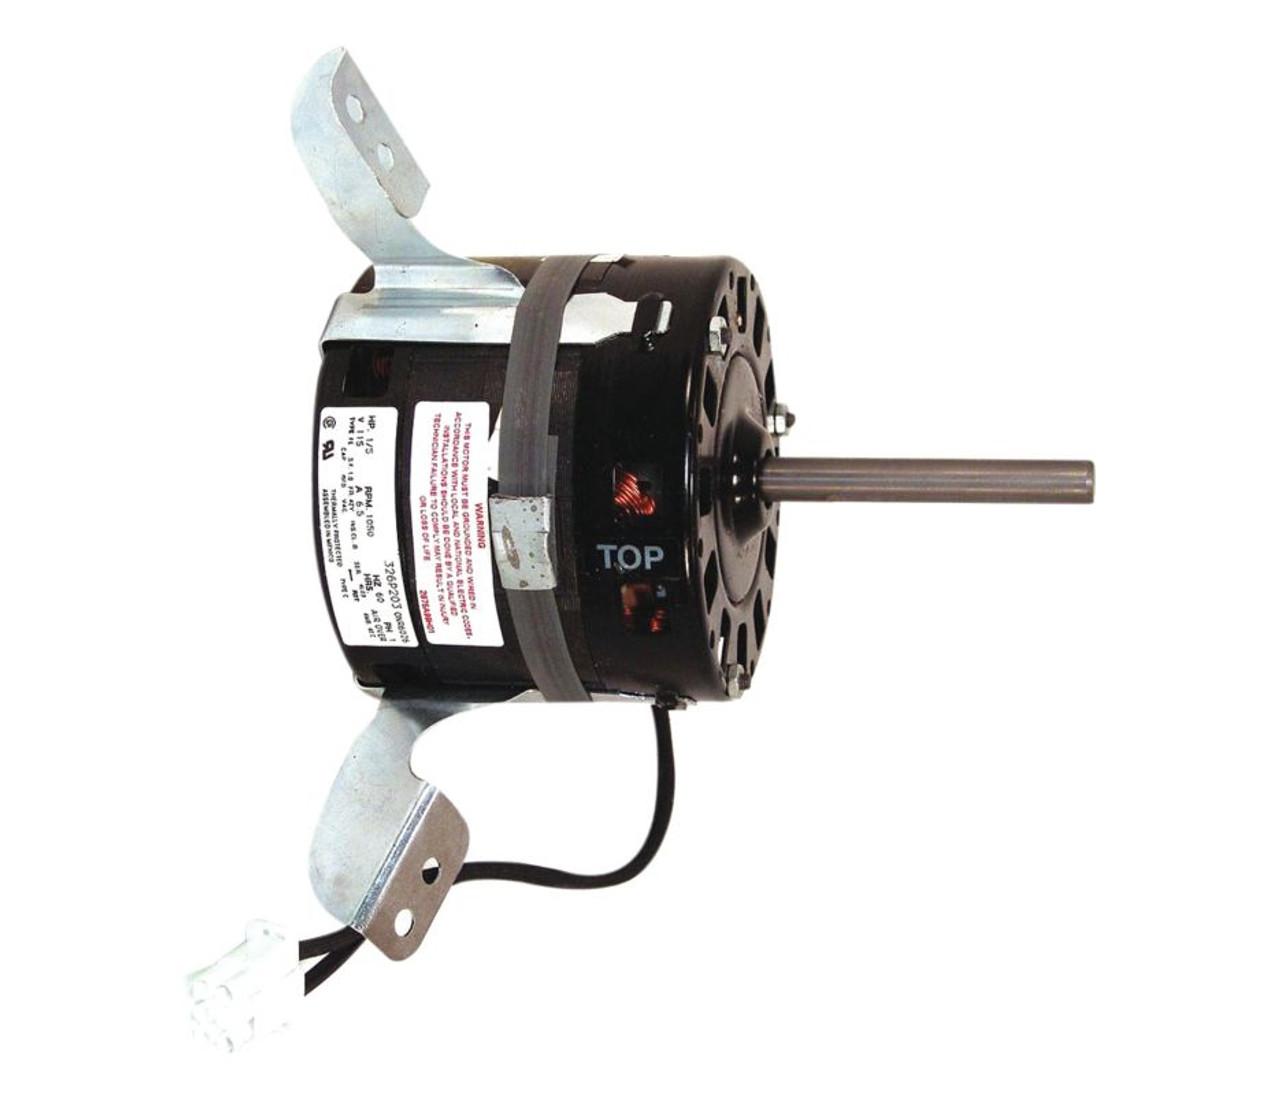 medium resolution of miller lsi home nordyne furnace motor 1 5 hp 1050 rpm 115v century oml6435